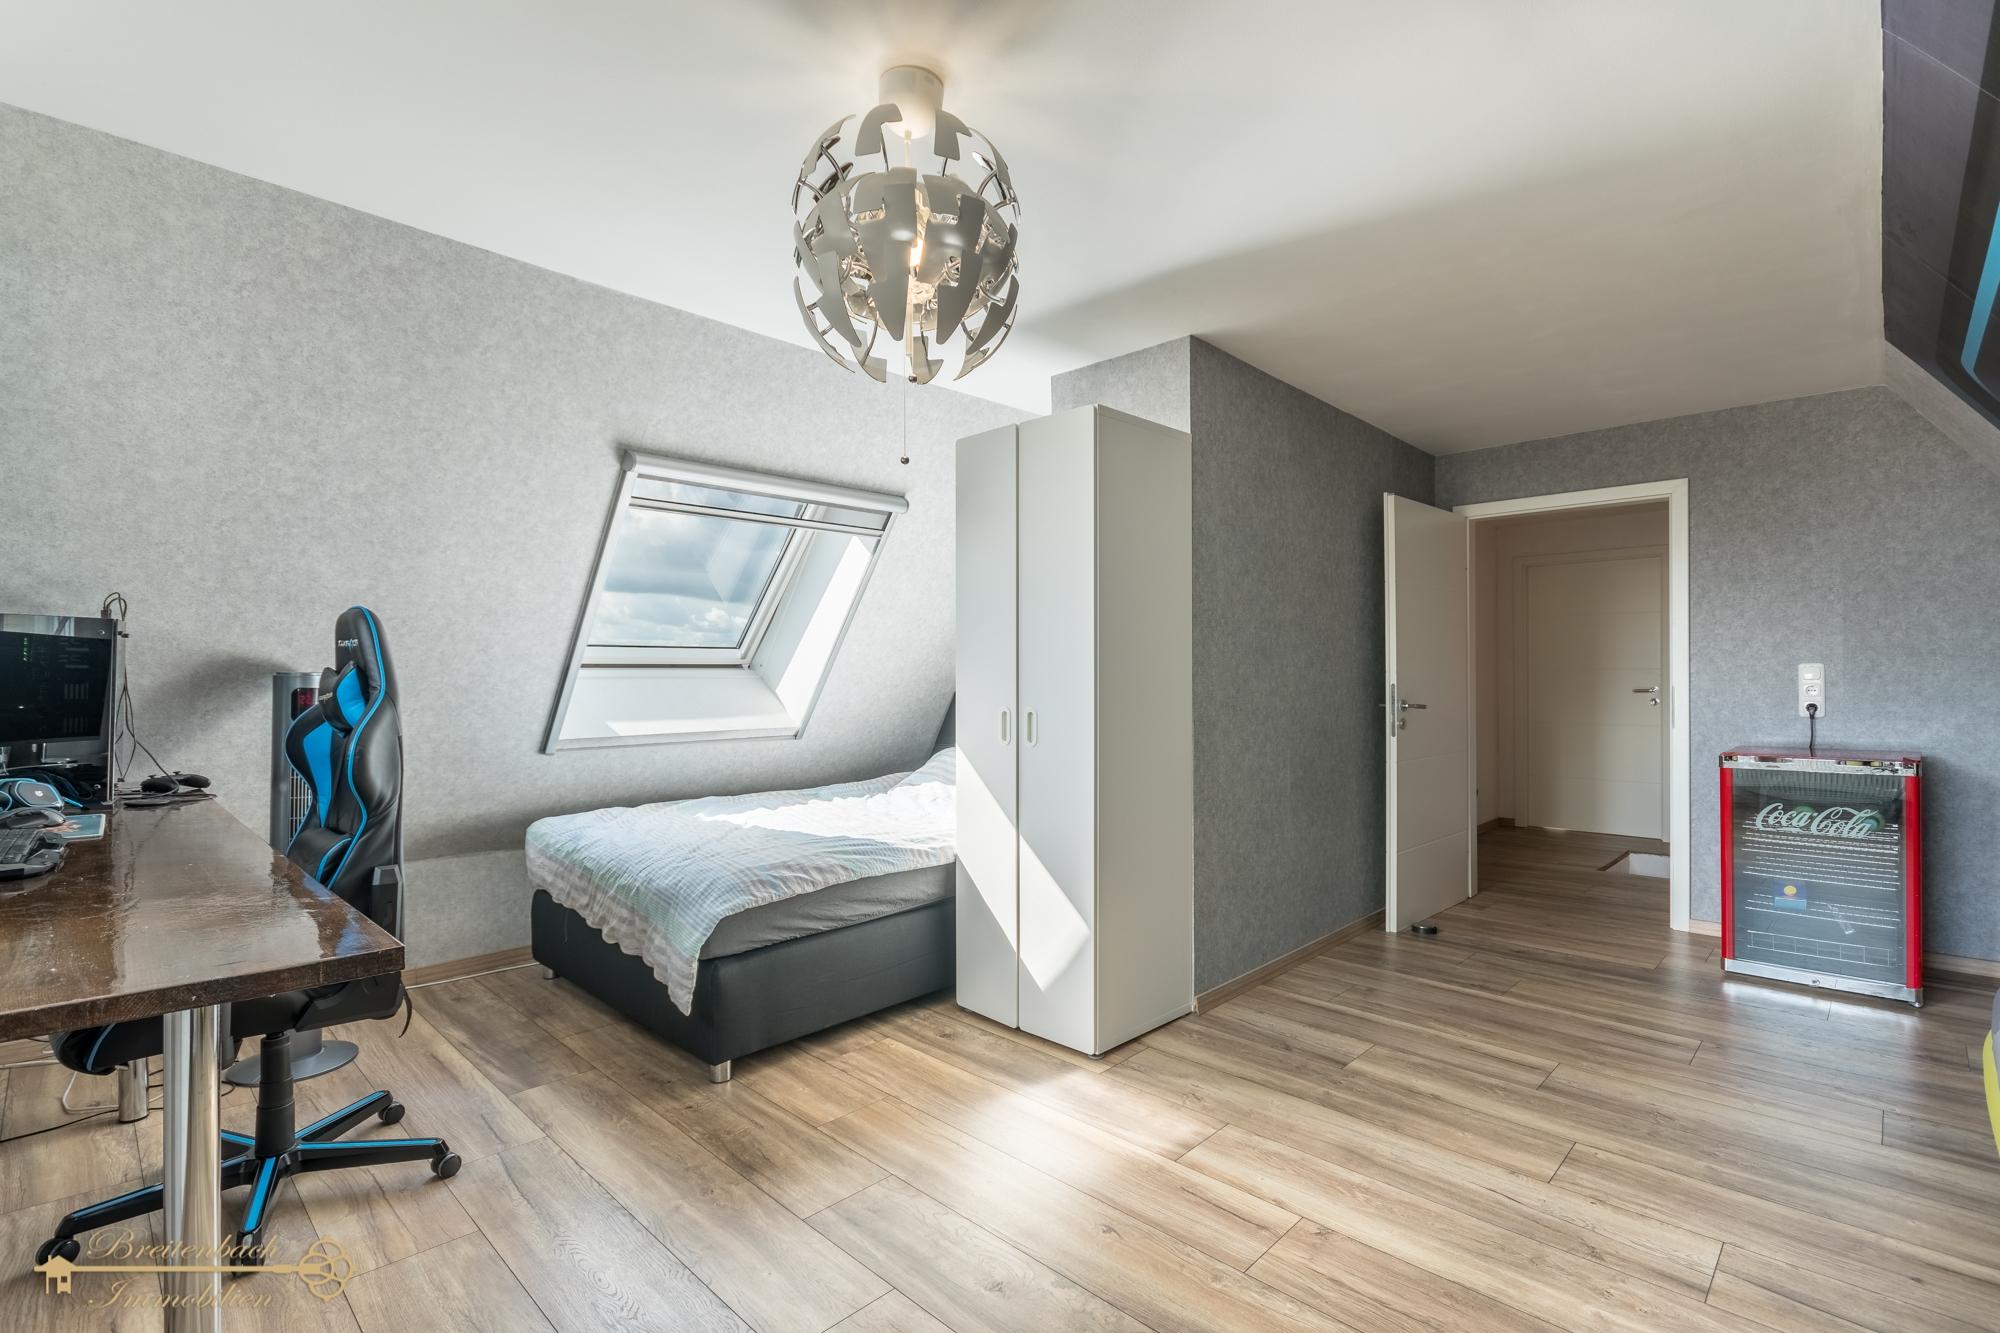 2020-09-06-Breitenbach-Immobilien-22